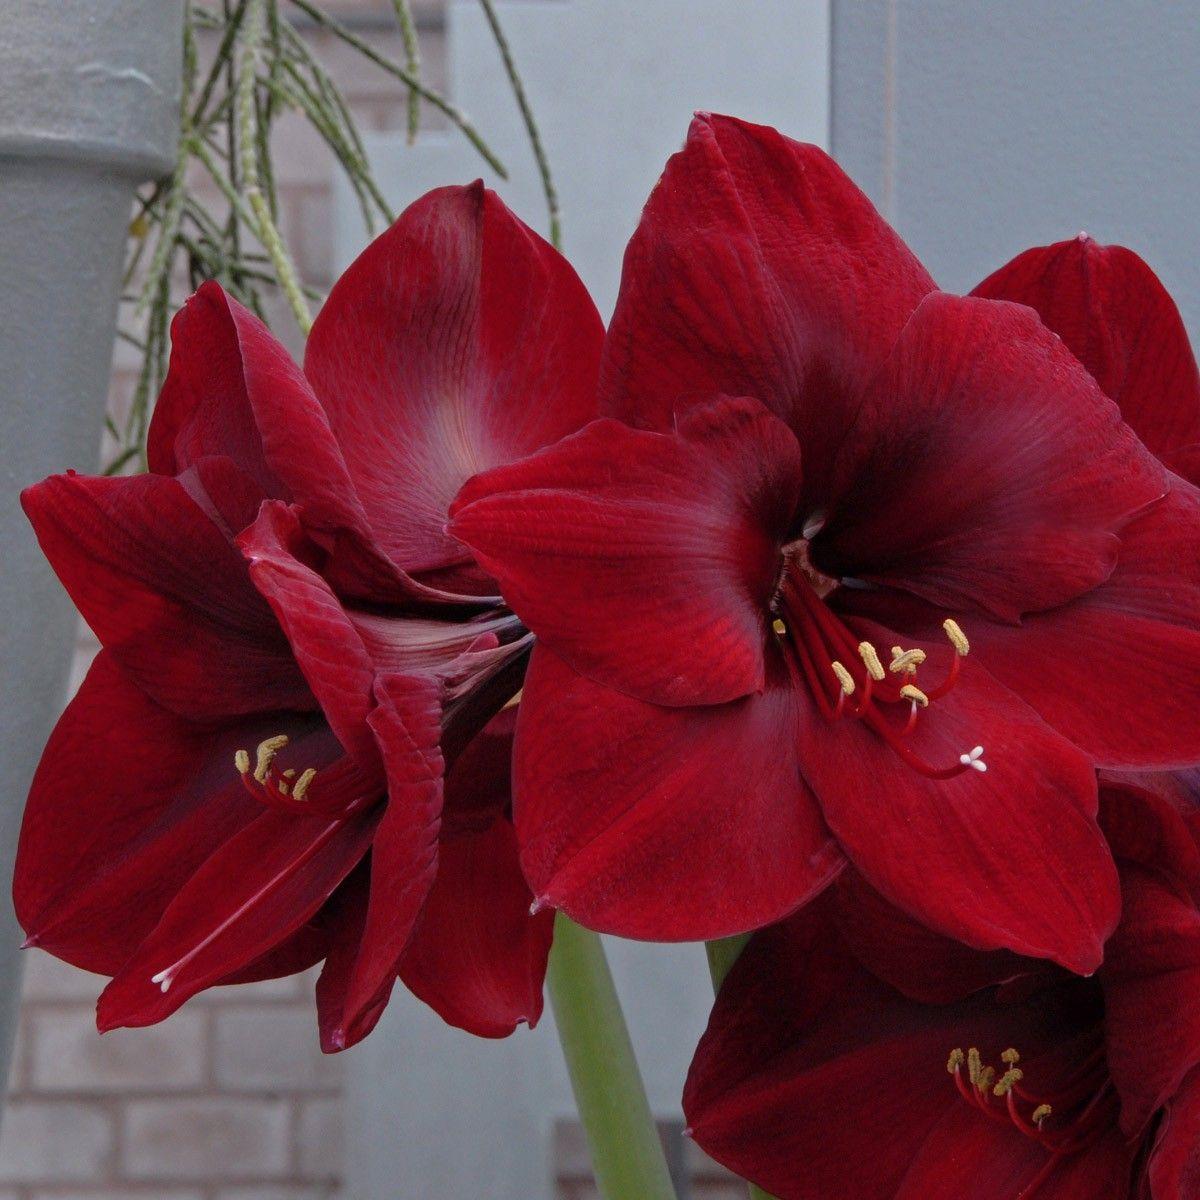 Amaryllis 39Carmen39 eine krftige Rote Farbe und groe